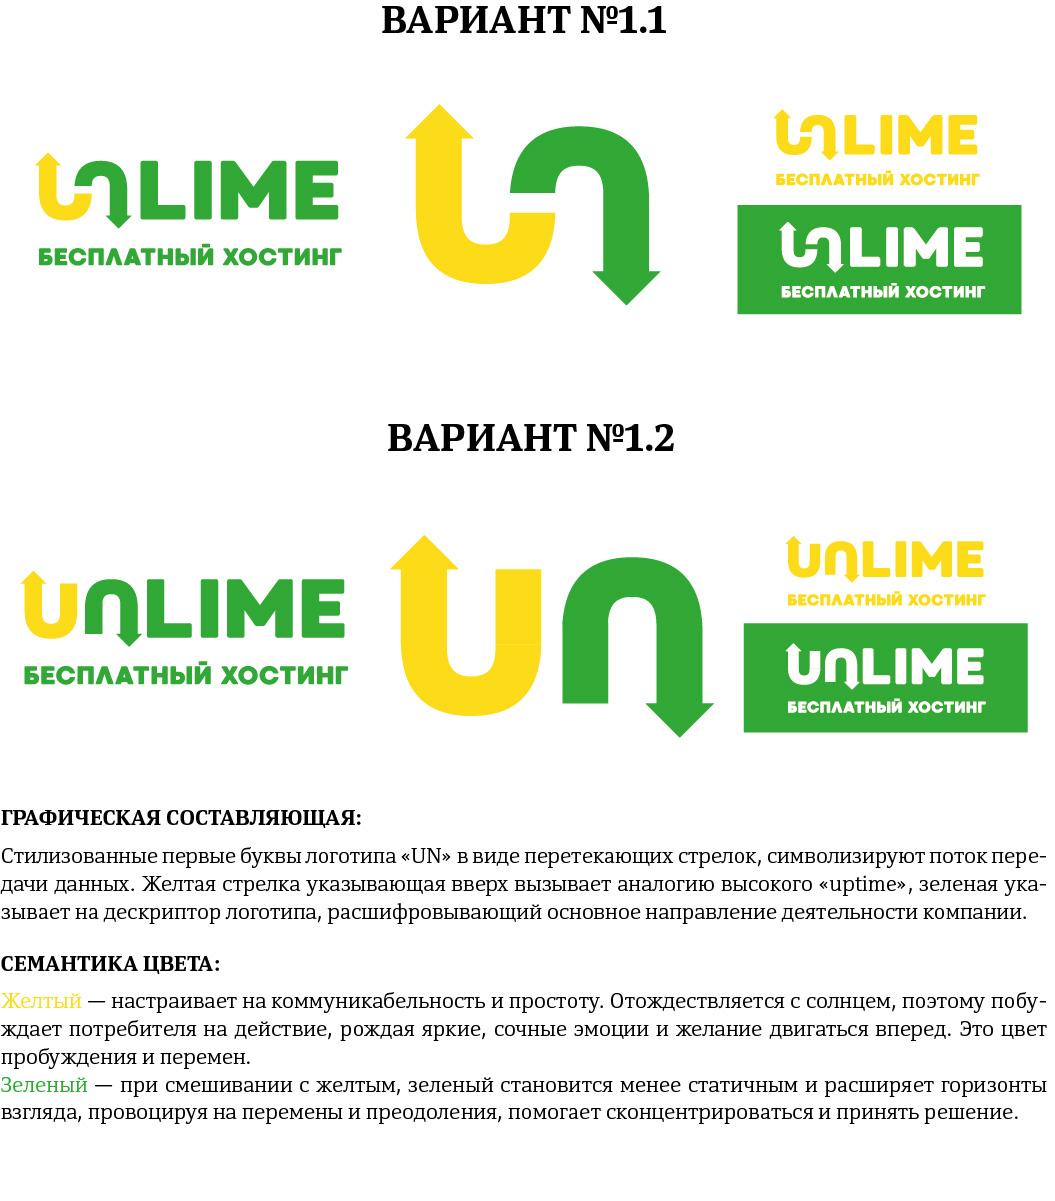 Разработка логотипа и фирменного стиля фото f_71359613684077bd.jpg